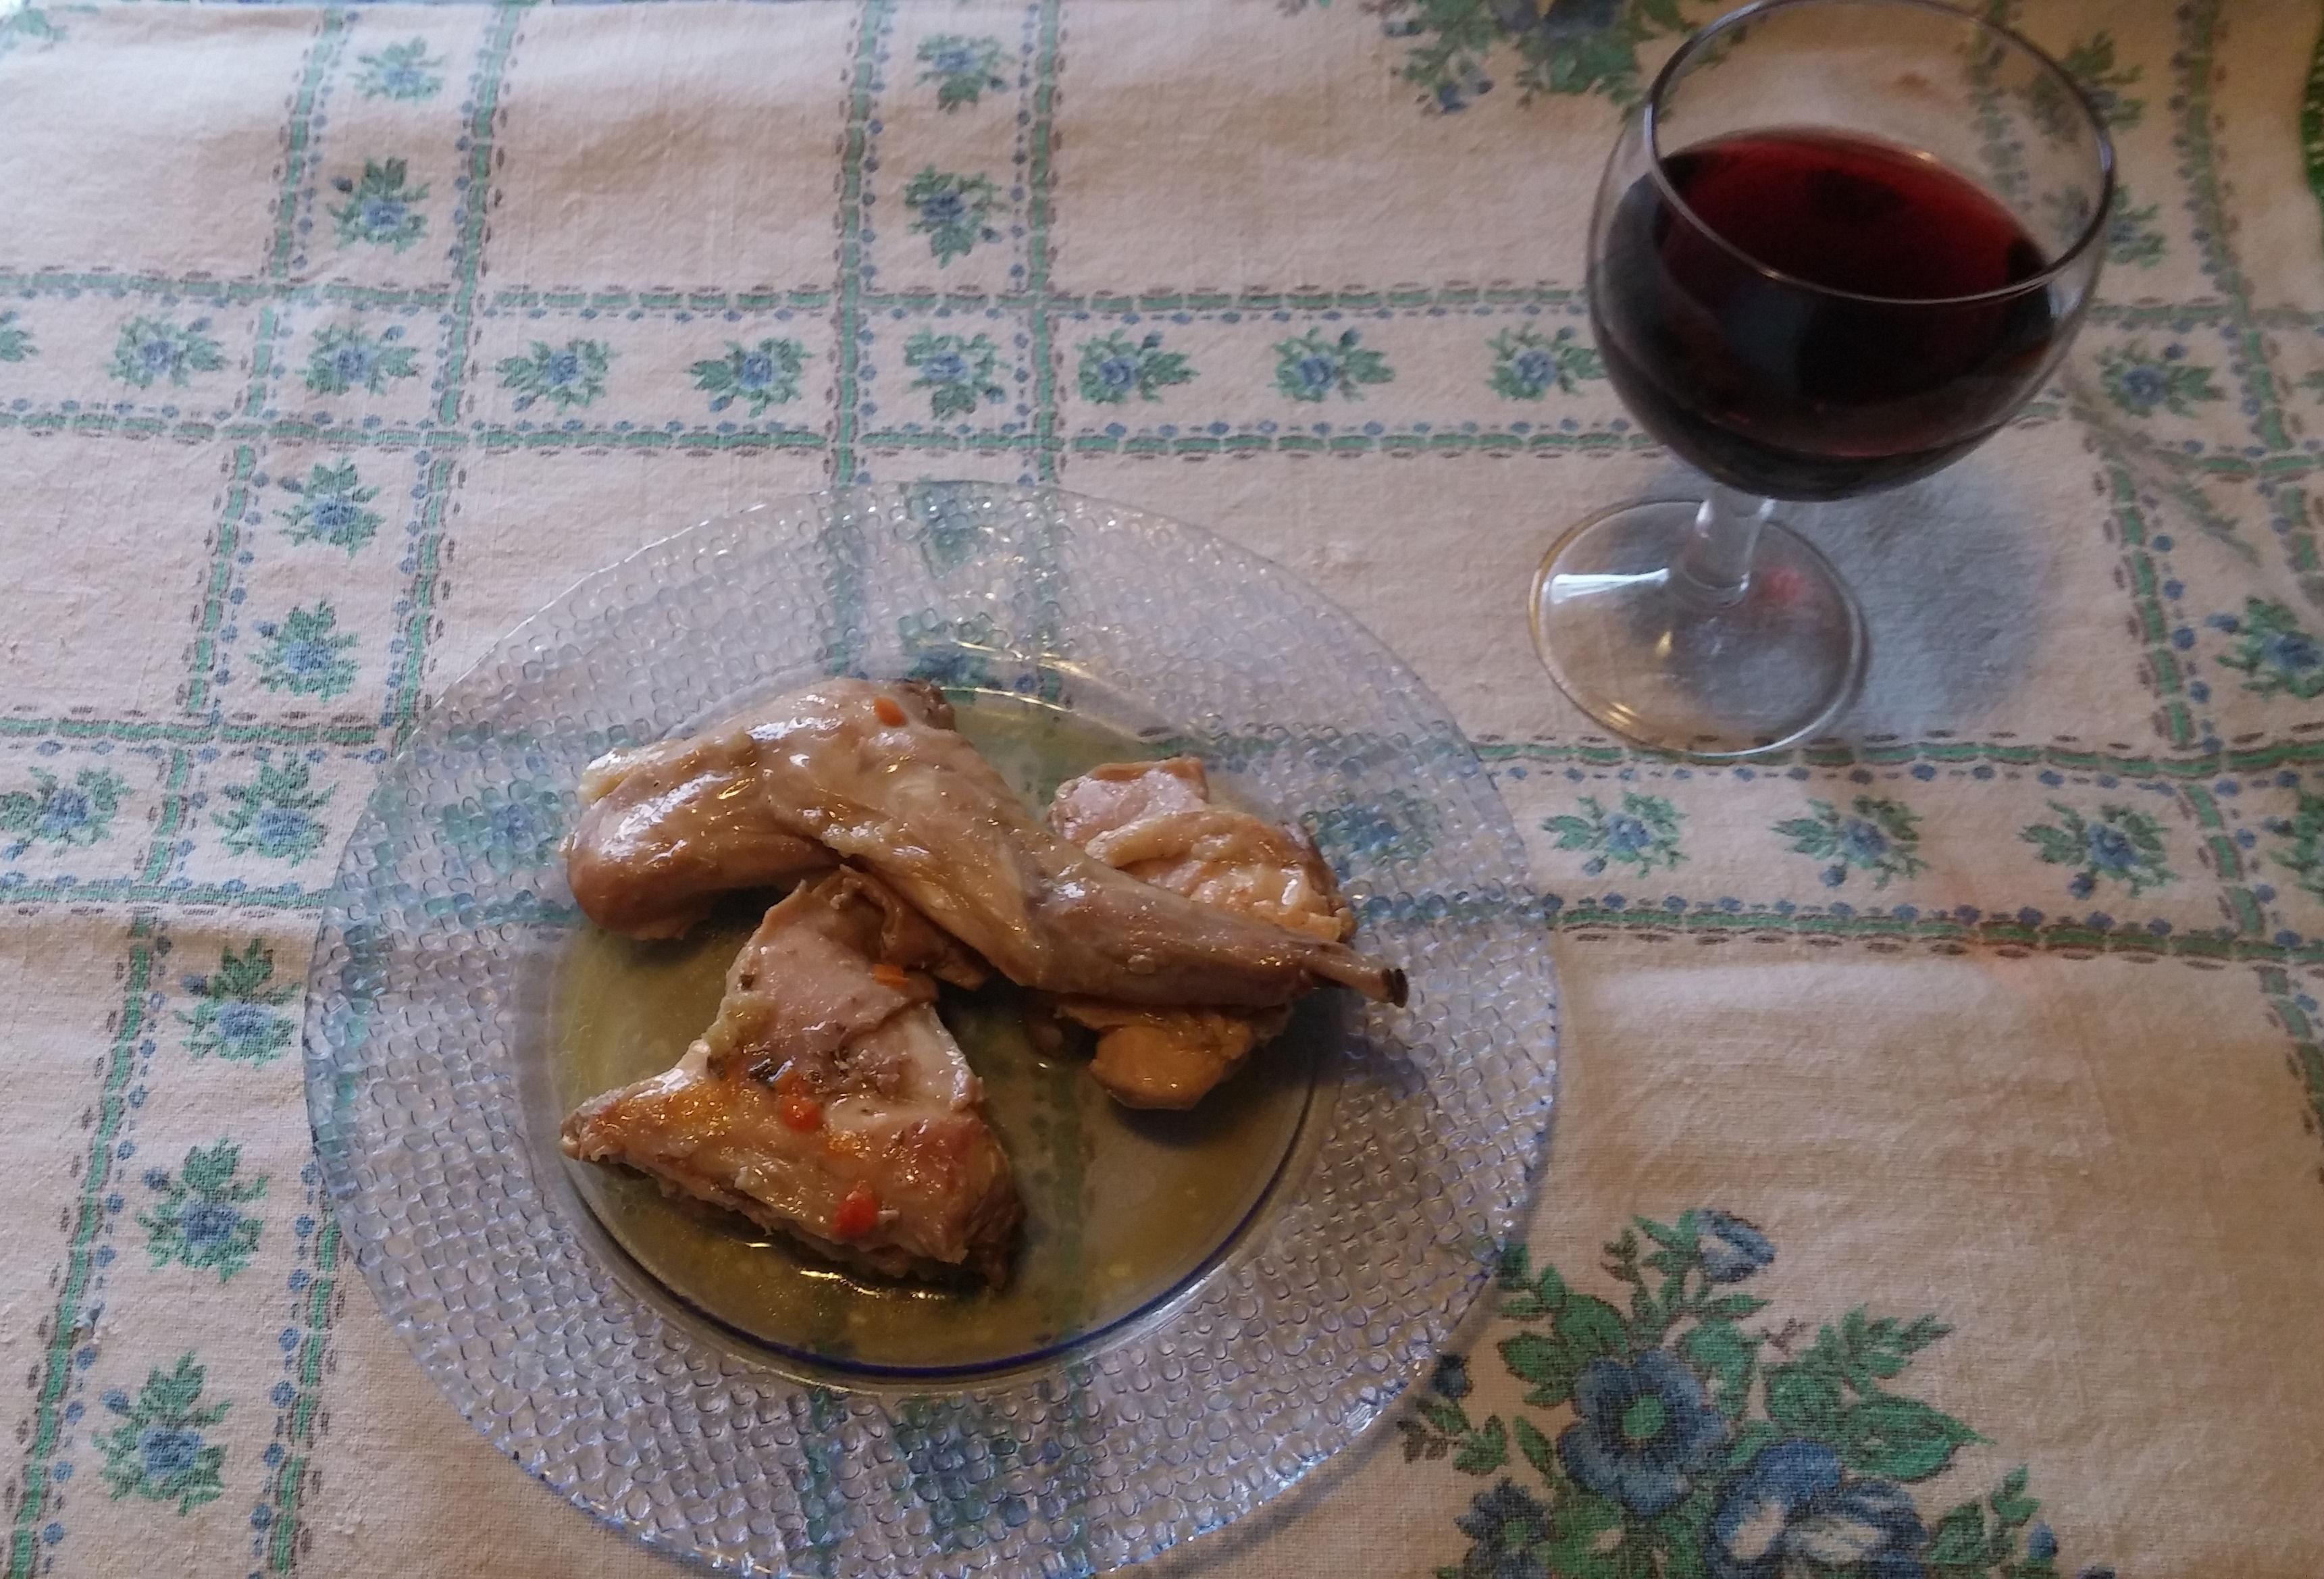 Le ricette di #Anna: #coniglio in #casseruola